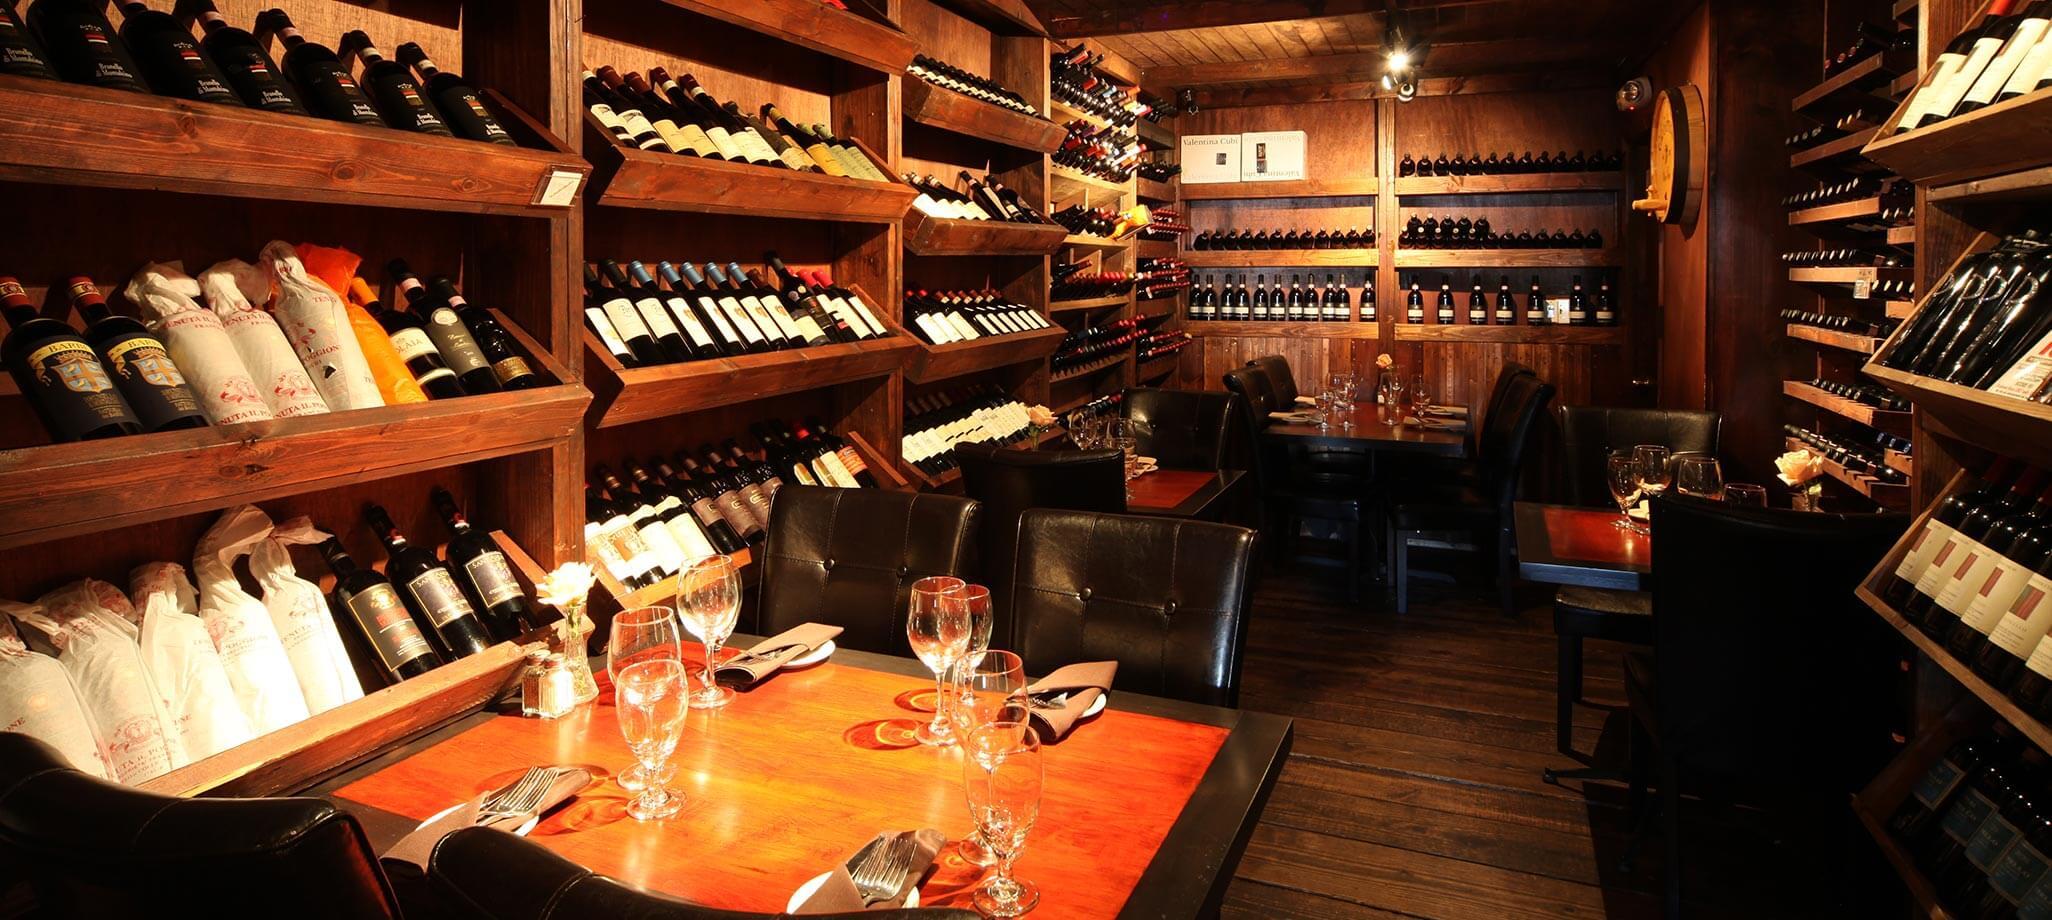 Café Gabbiano cb68ac398dc